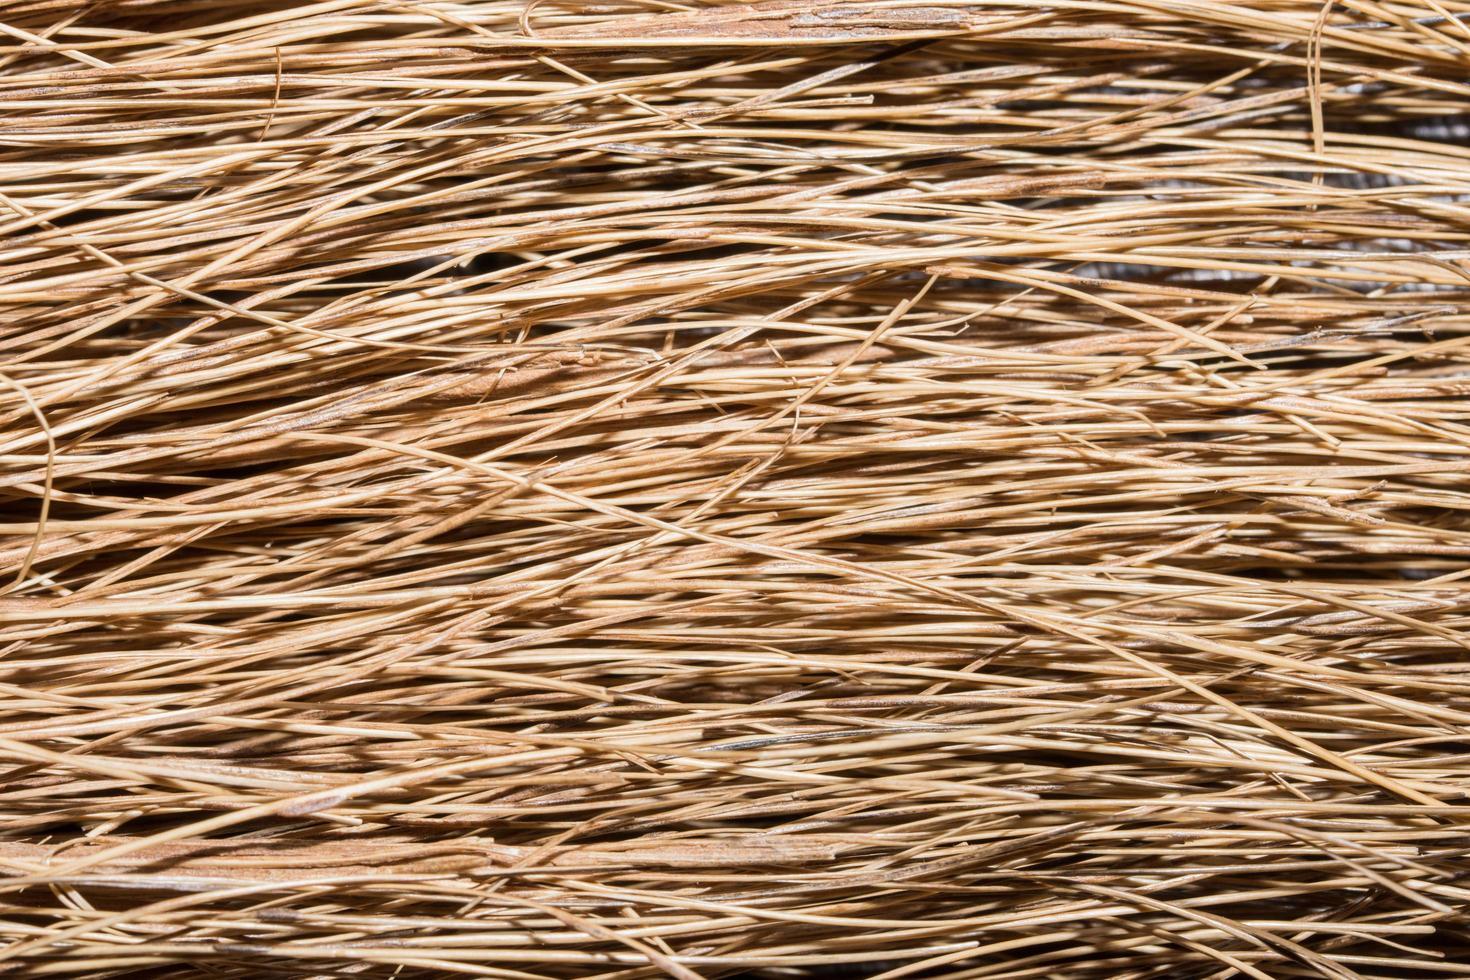 sfondo di erba secca foto